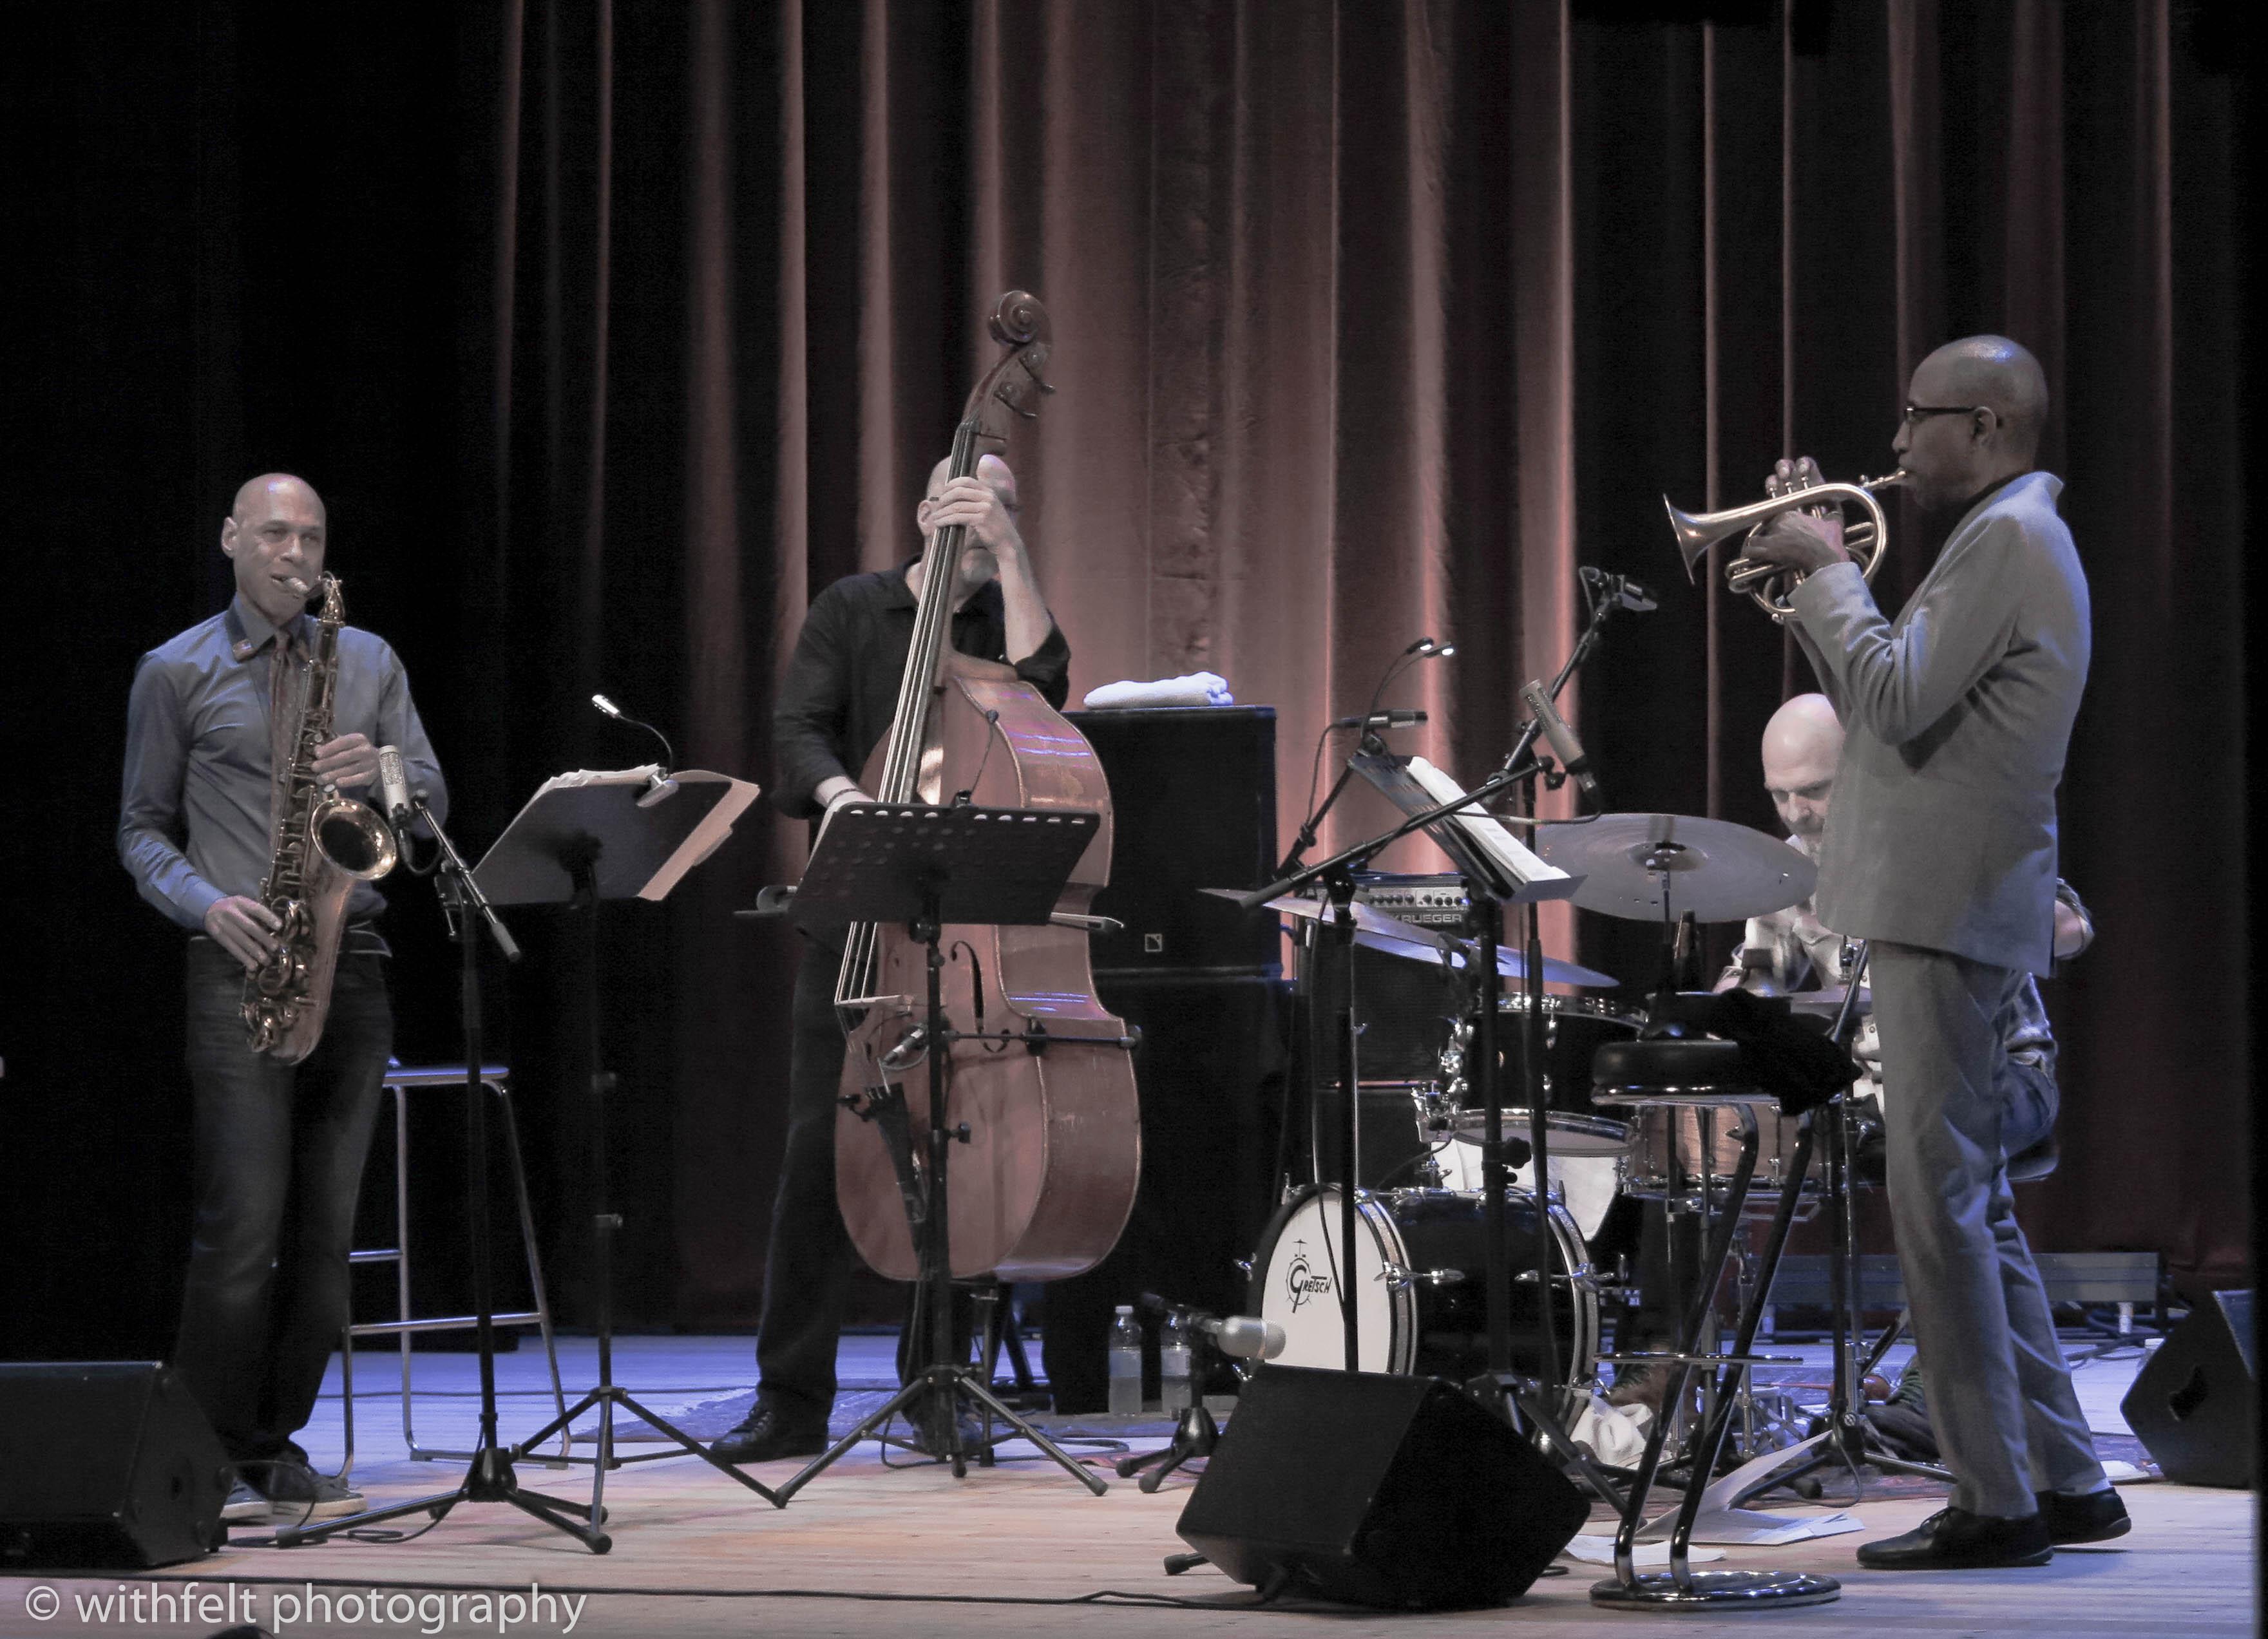 """Joshua Redman """"Still Dreaming"""" at Summer Jazz 2019, Copenhagen Jazz Festival 2019, Denmark"""